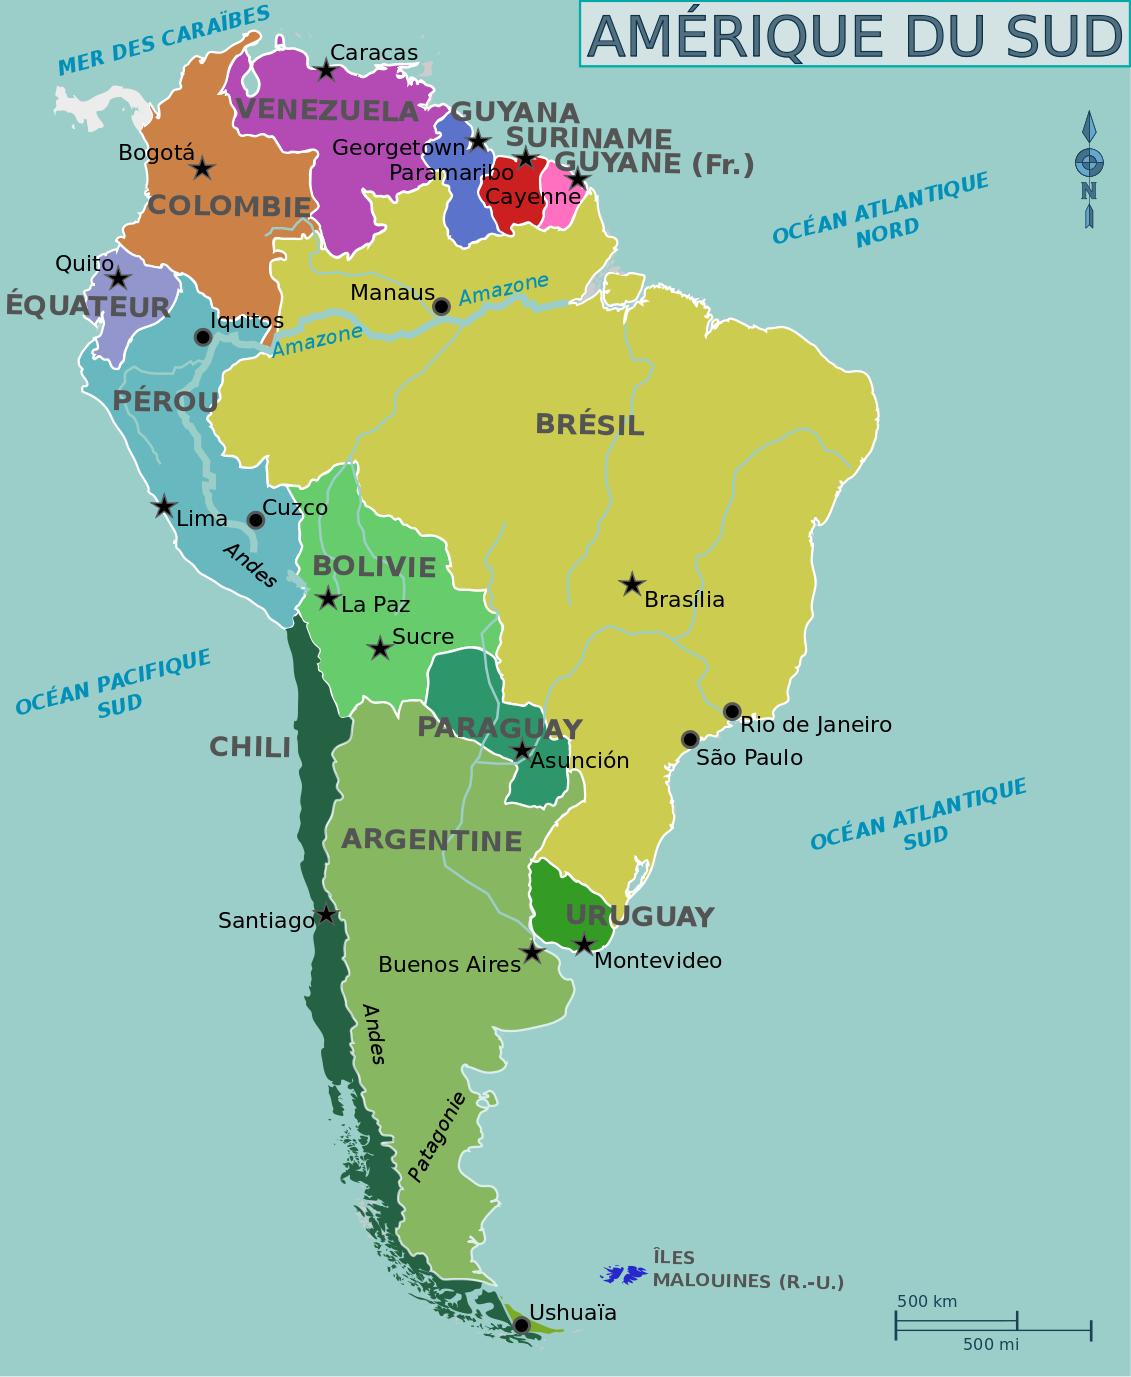 carte-amerique-du-sud-pays-et-capitales